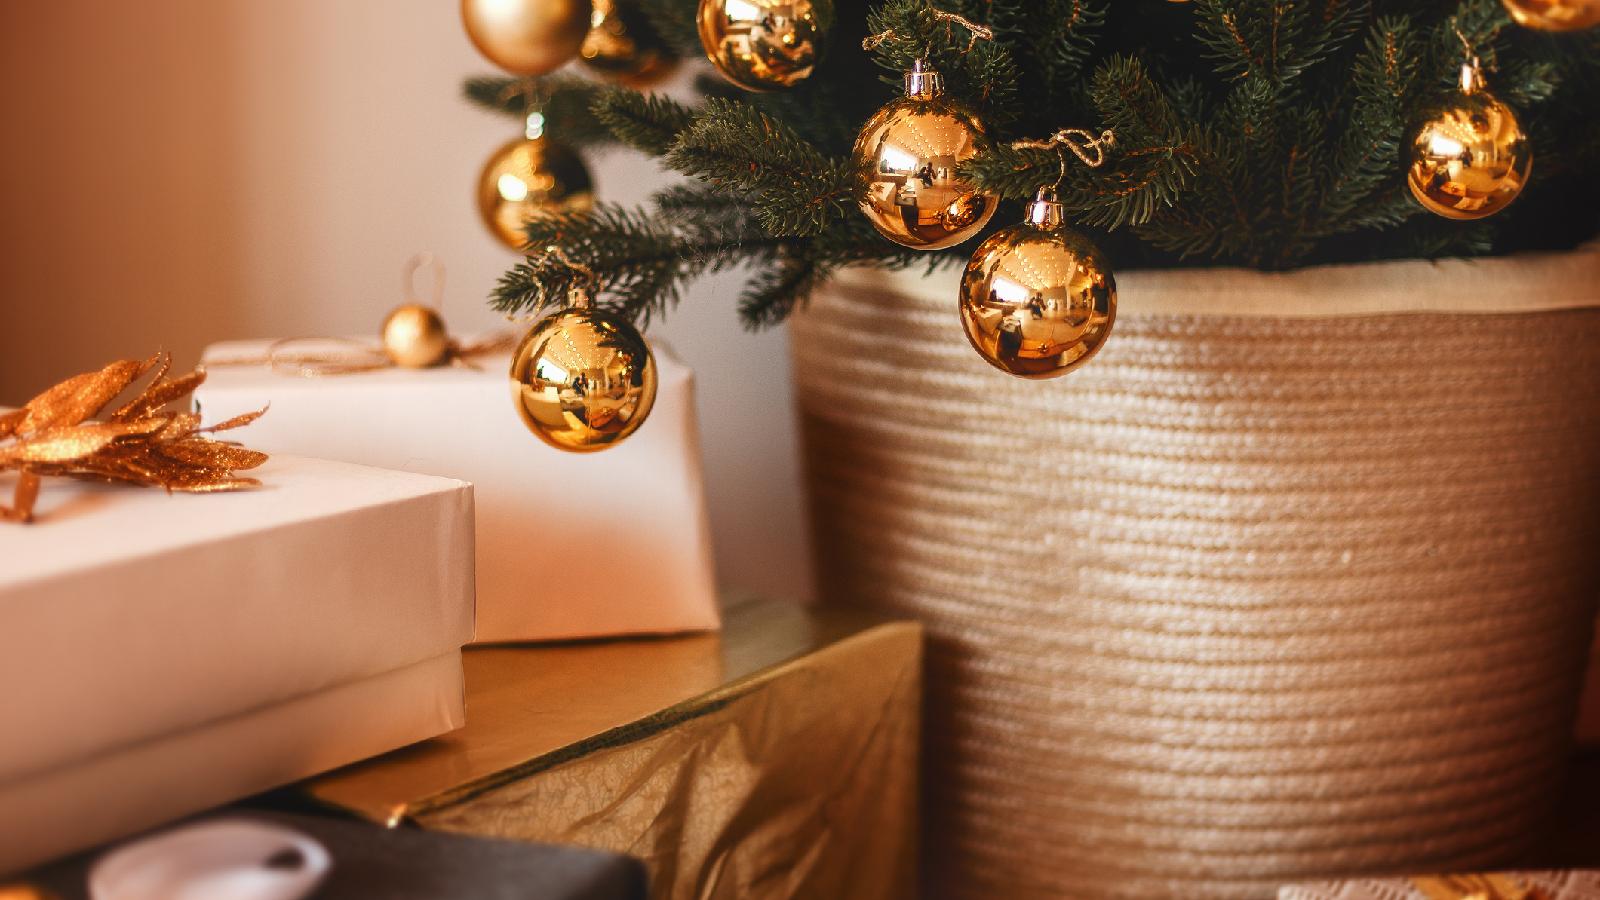 Das sind die beliebtesten Geschenkideen